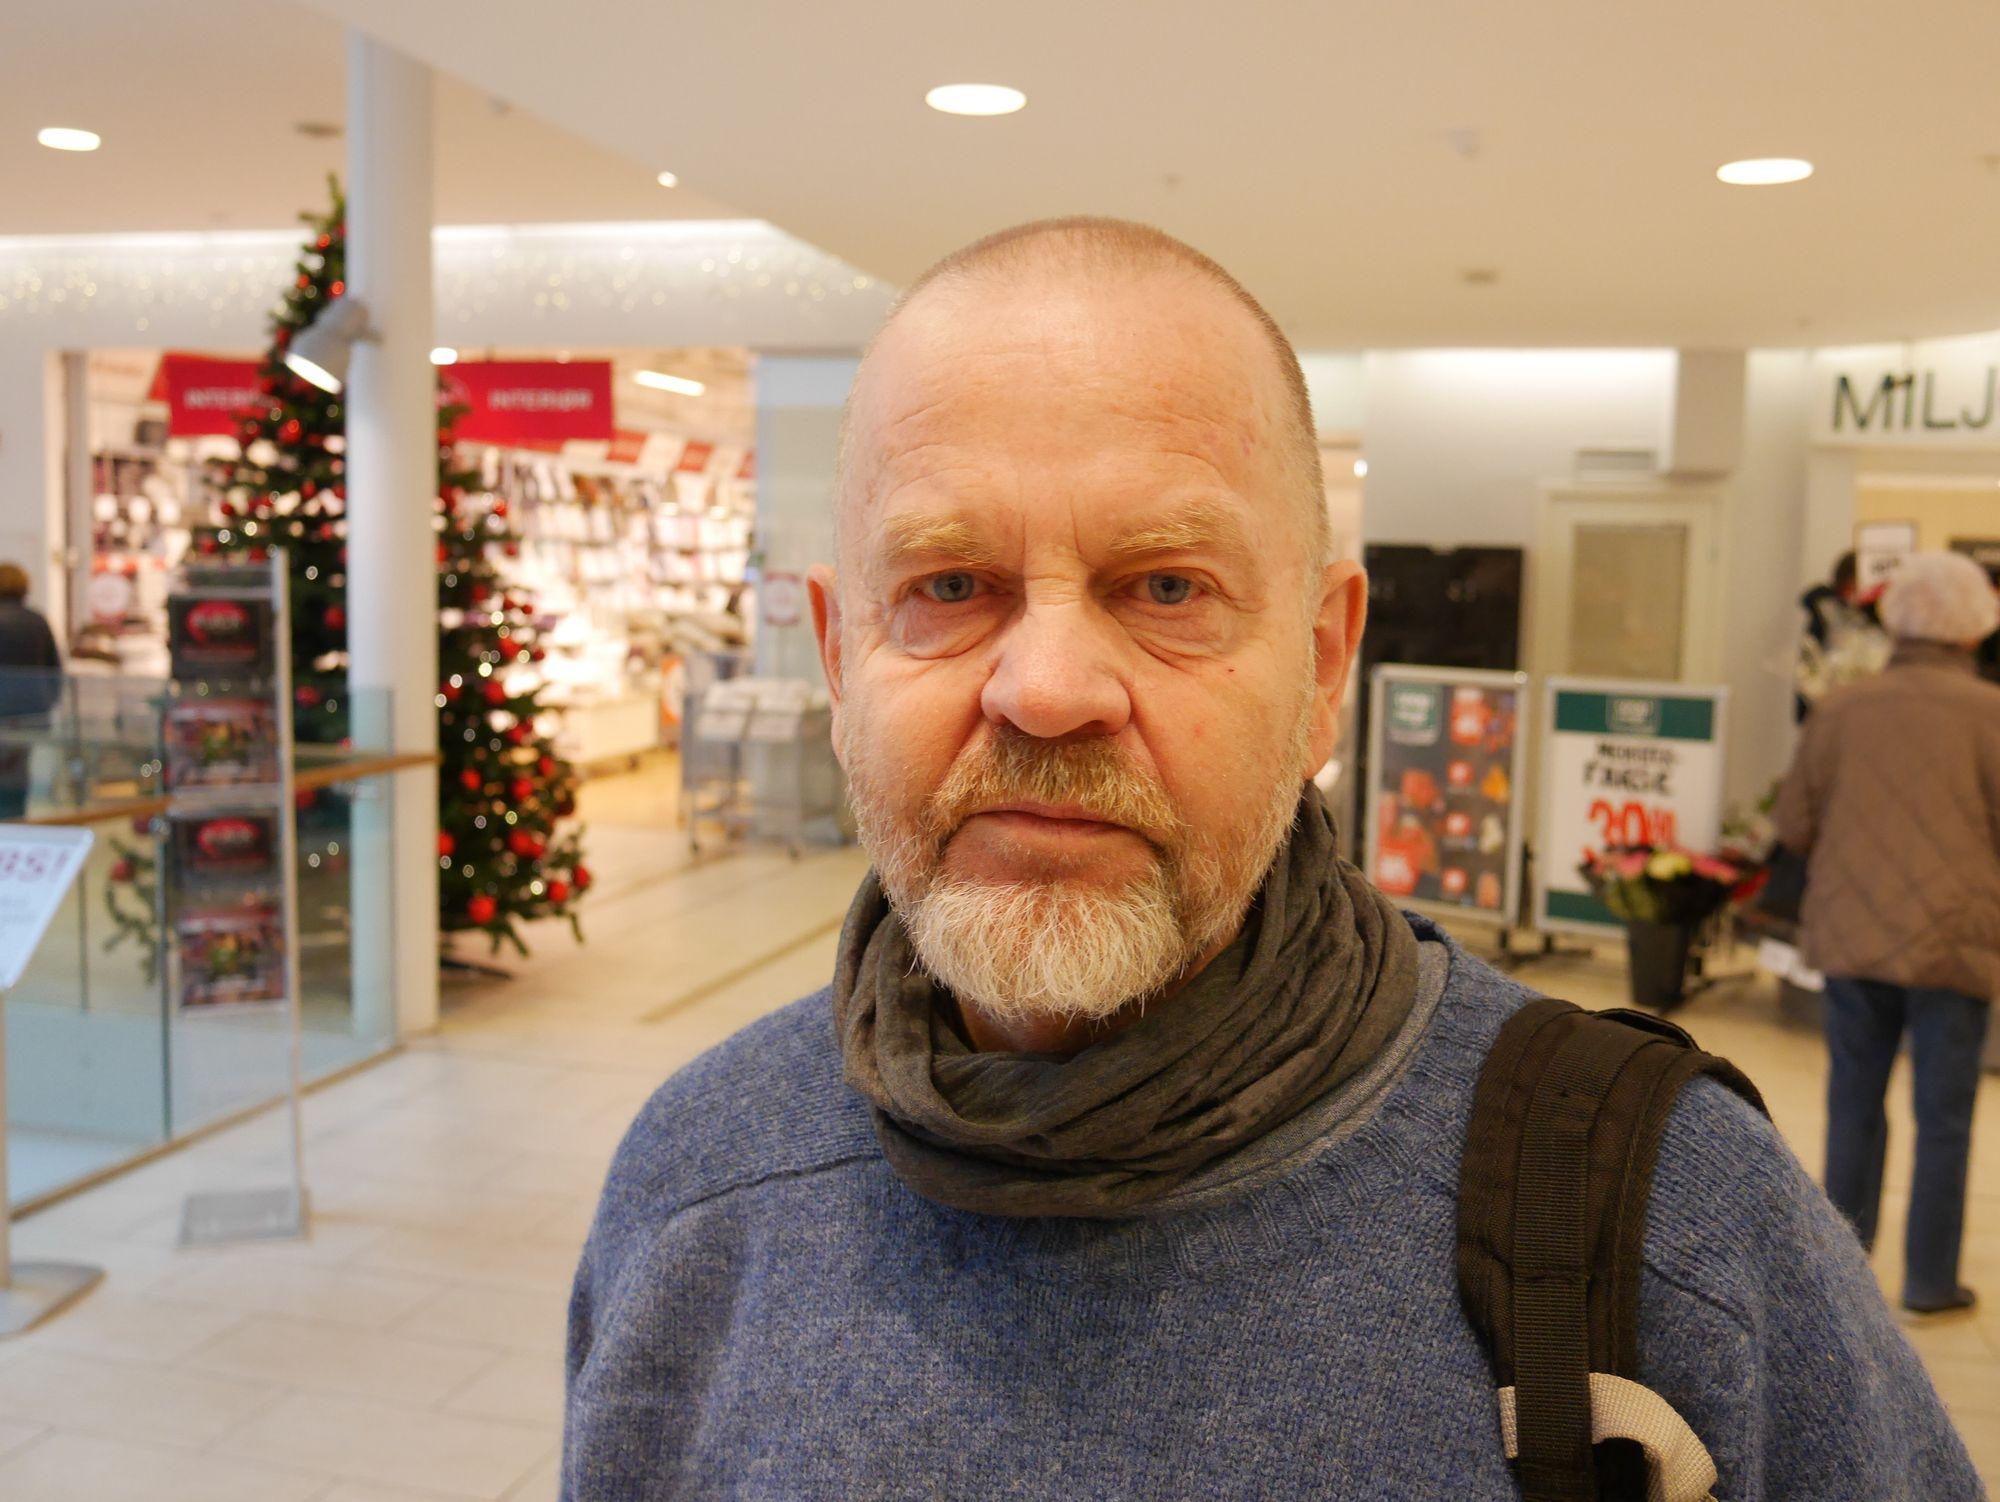 STØTTER LOKALSAMFUNNET: Bjørn Ganger fra Kolbotn har et særs bevisst forhold til lokal julehandel.